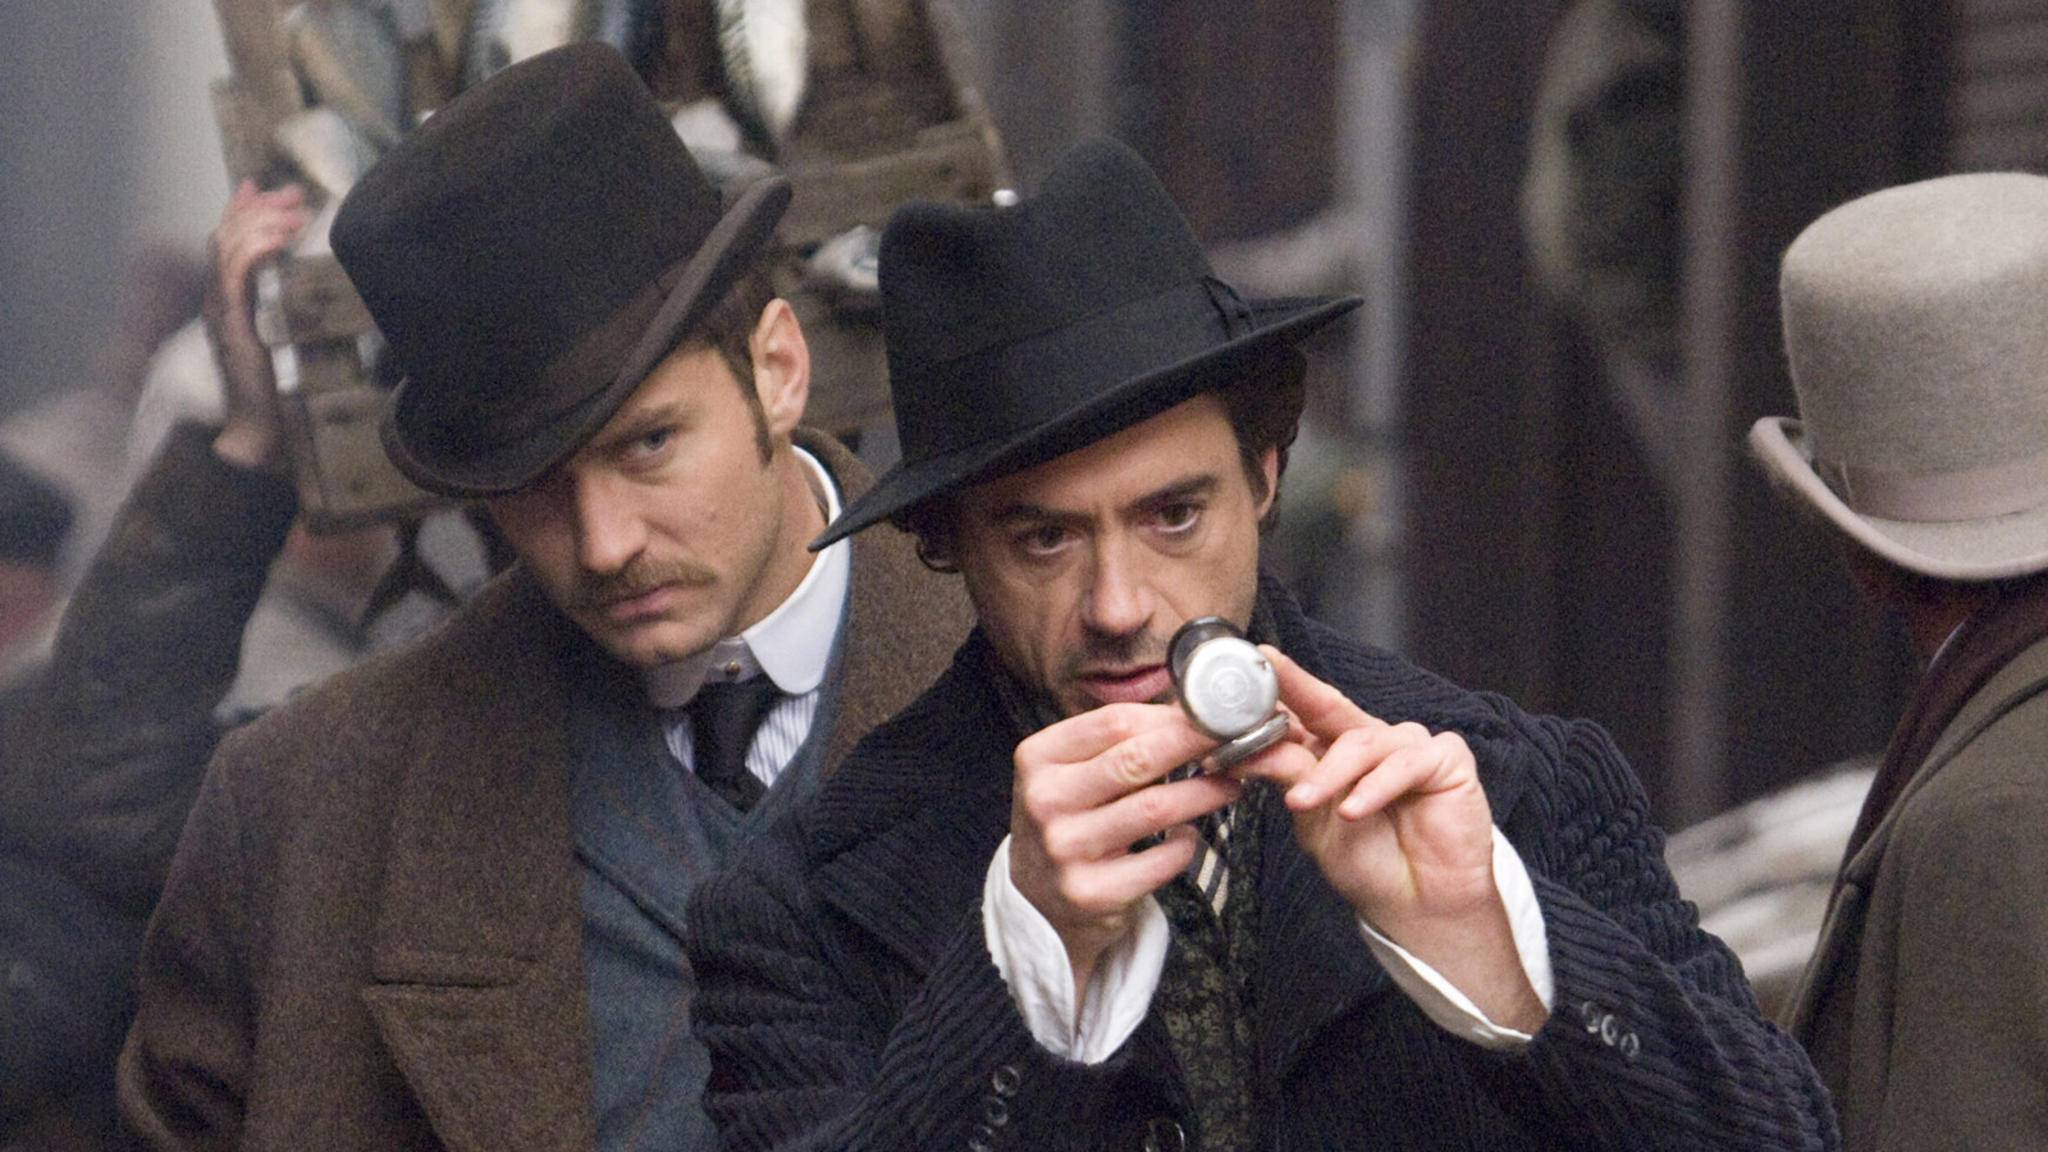 Die Welt von Sherlock Holmes (Robert Downey Jr.) könnte noch größer werden.